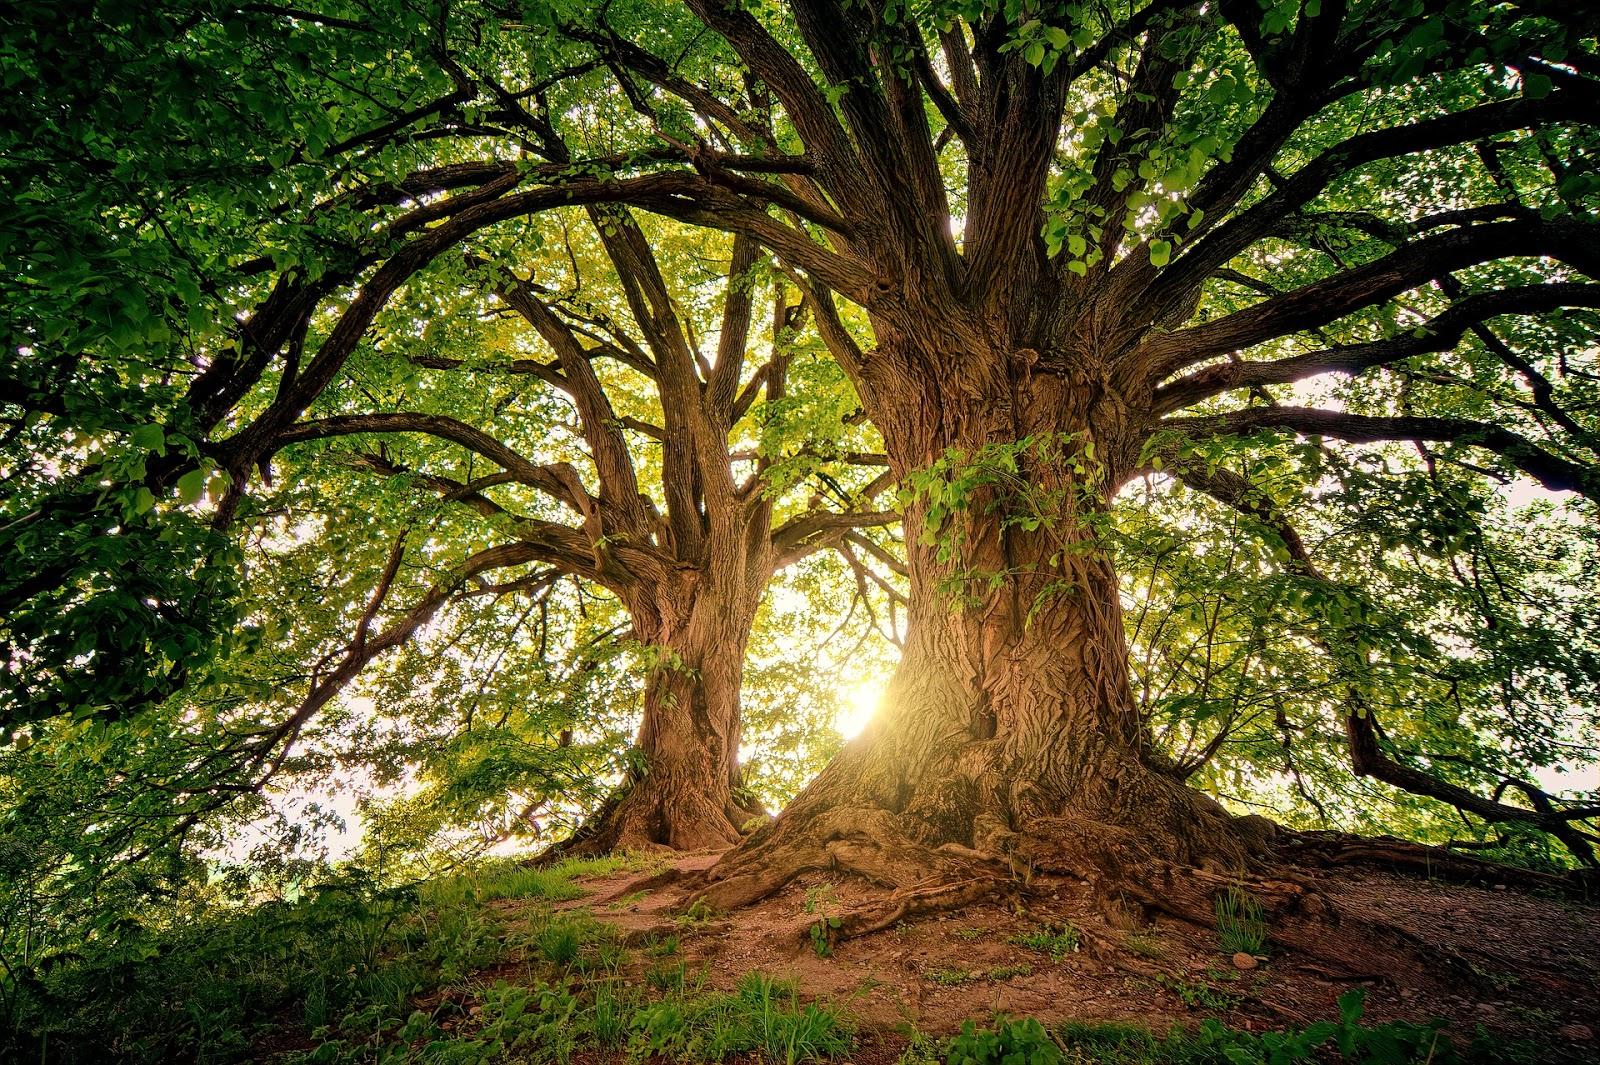 człowiek przebudzony, ludzie są jak drzewa, doświadczanie życia, inny wymiar